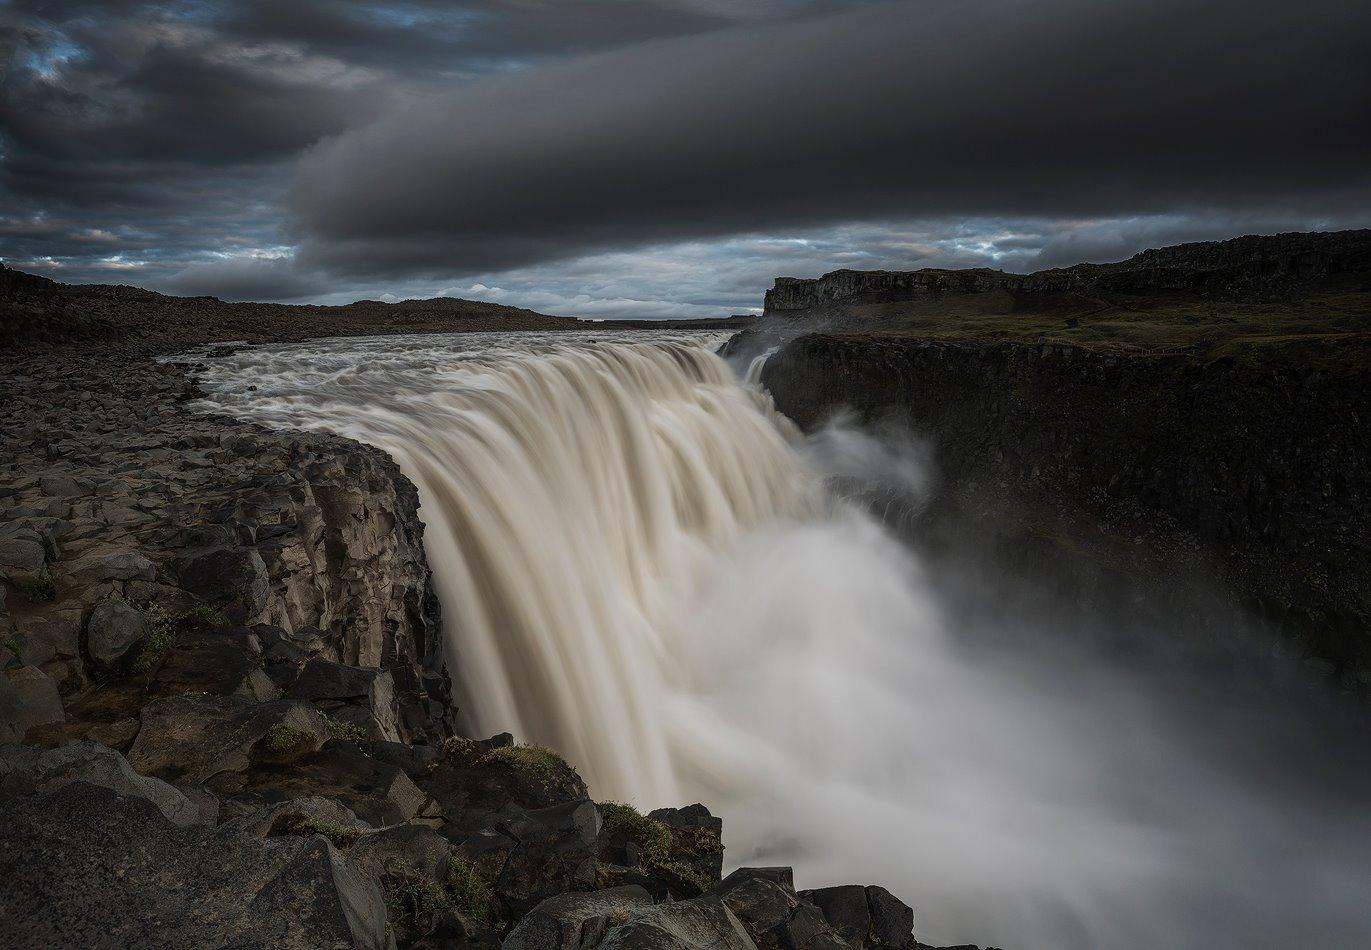 虽然在挪威的Sarpefossen瀑布在平均水量上超过了冰岛的黛提瀑布,但其实它的面积只有黛提瀑布的一半